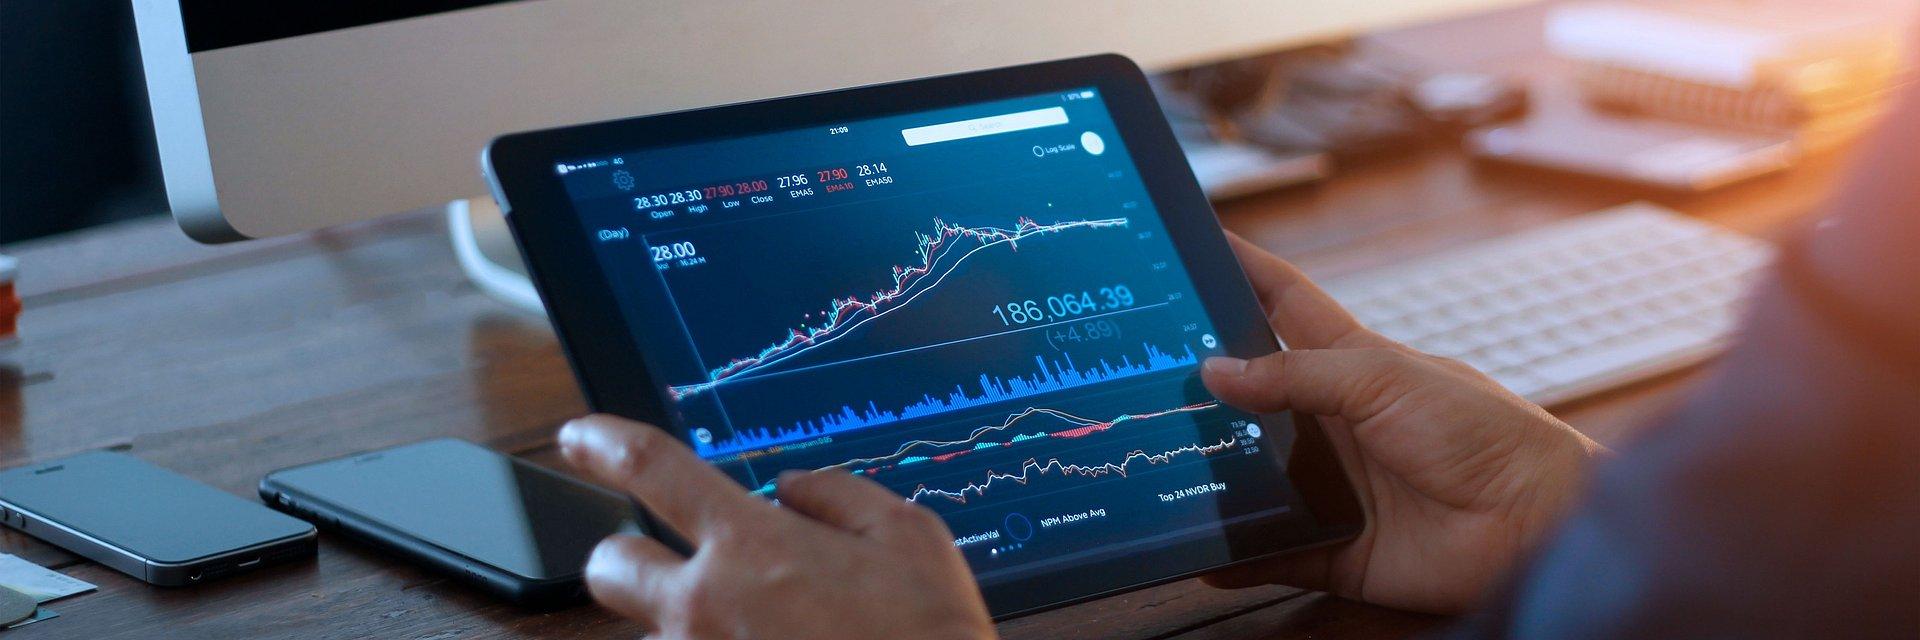 Bluerank podsumowuje rok finansowy 2018r. Wzrost przychodów o 25%.